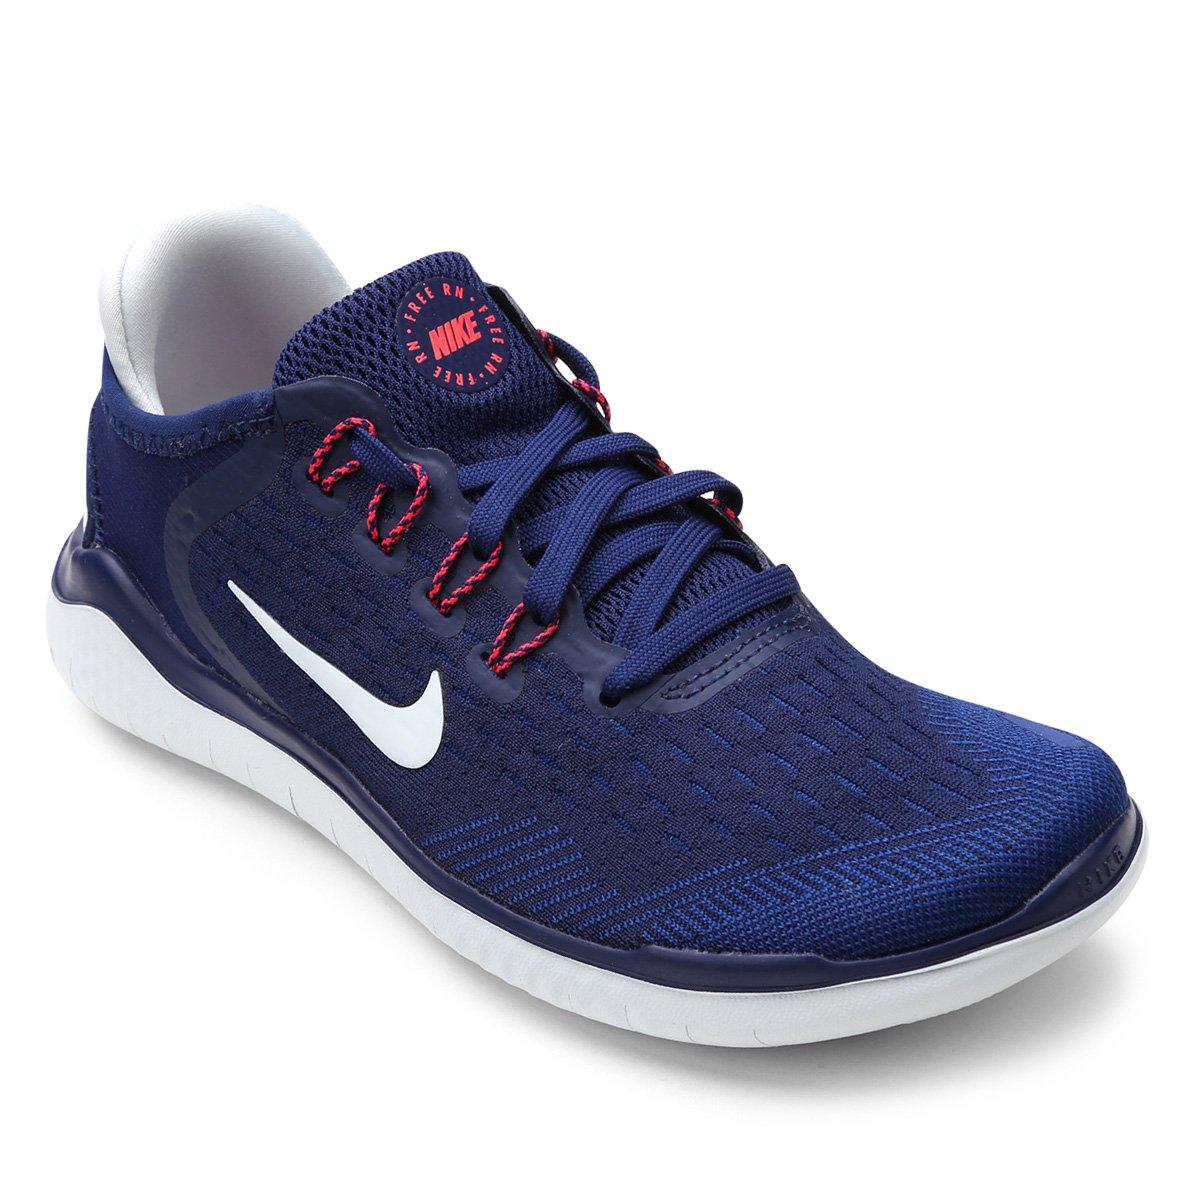 43d75f88eb8 Tênis Nike Free Rn 2018 Feminino - Azul - Compre Agora